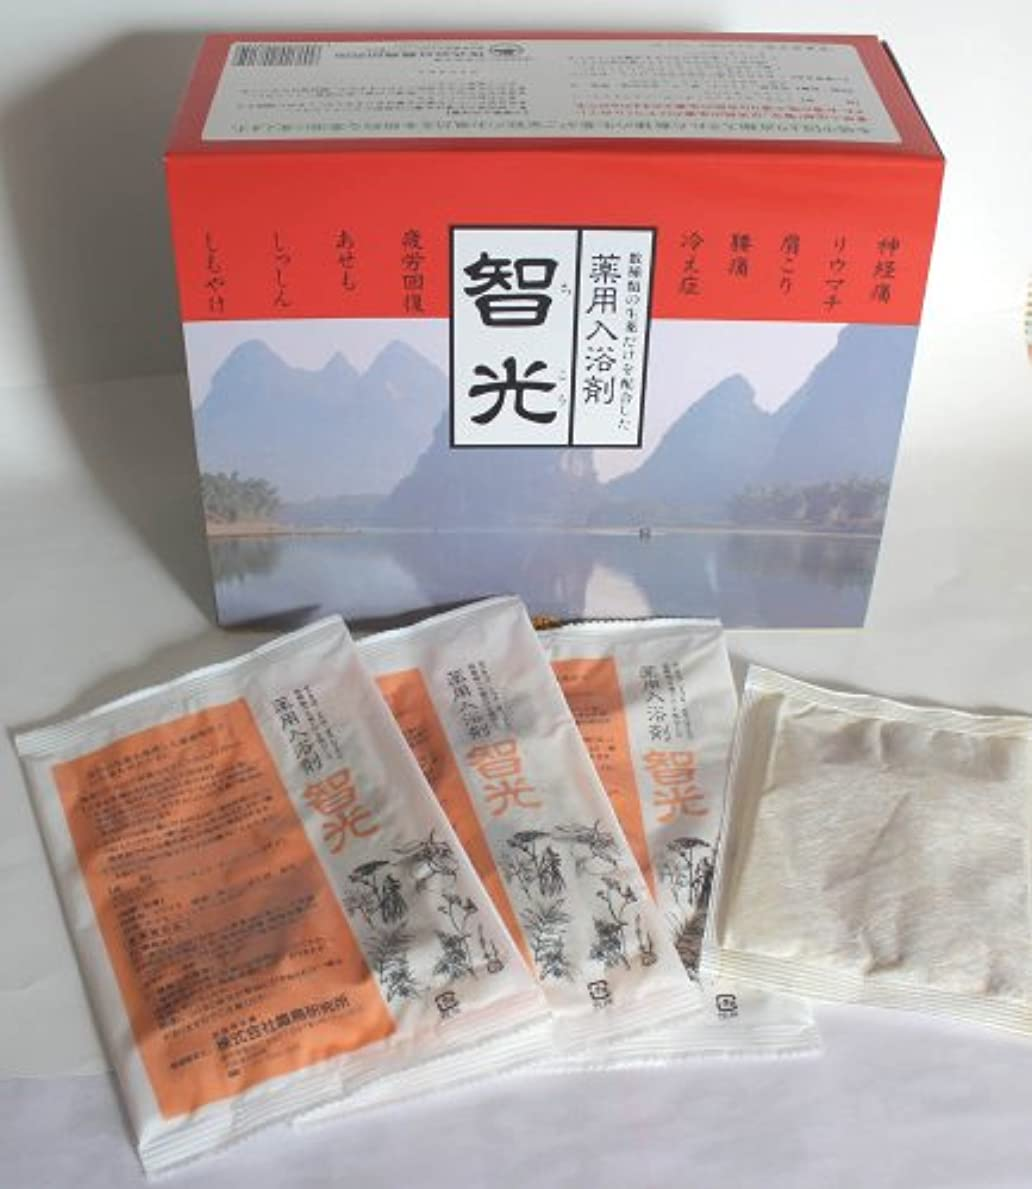 調停するペチュランスベリー薬用入浴剤 智光 (25g×32包入り)化粧箱なし